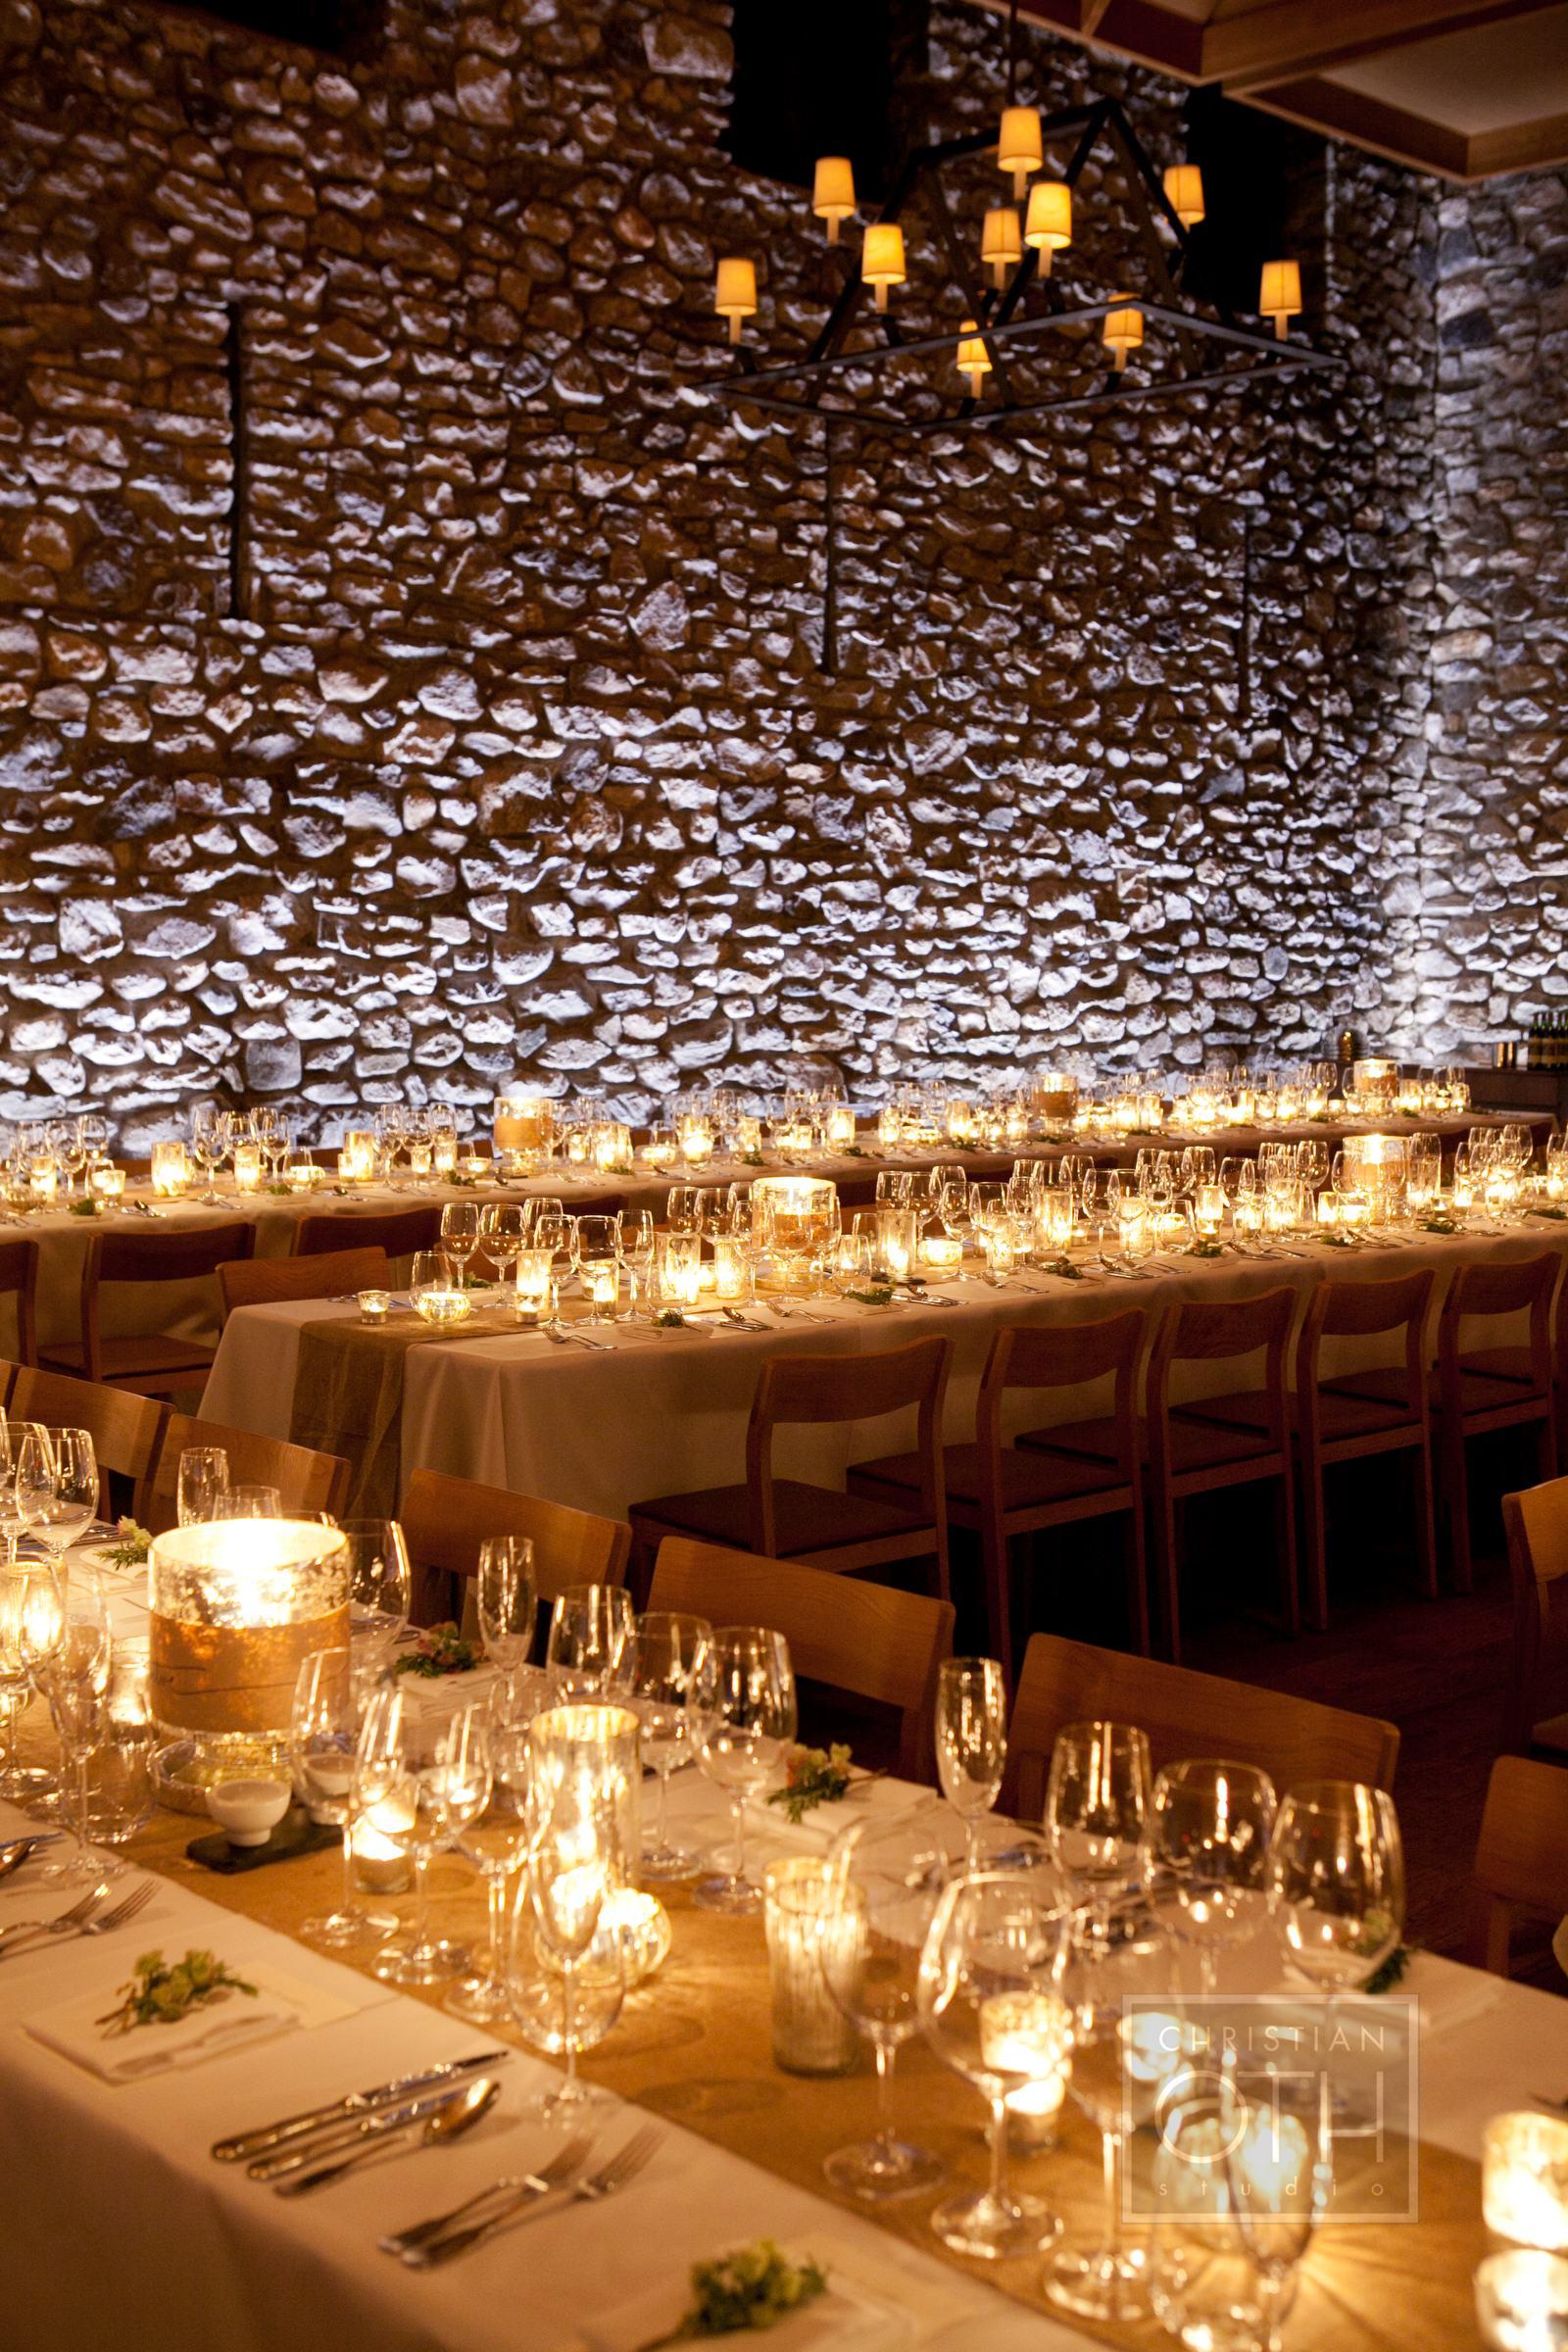 Candlelit Reception Venue Decor Elizabeth Anne Designs The